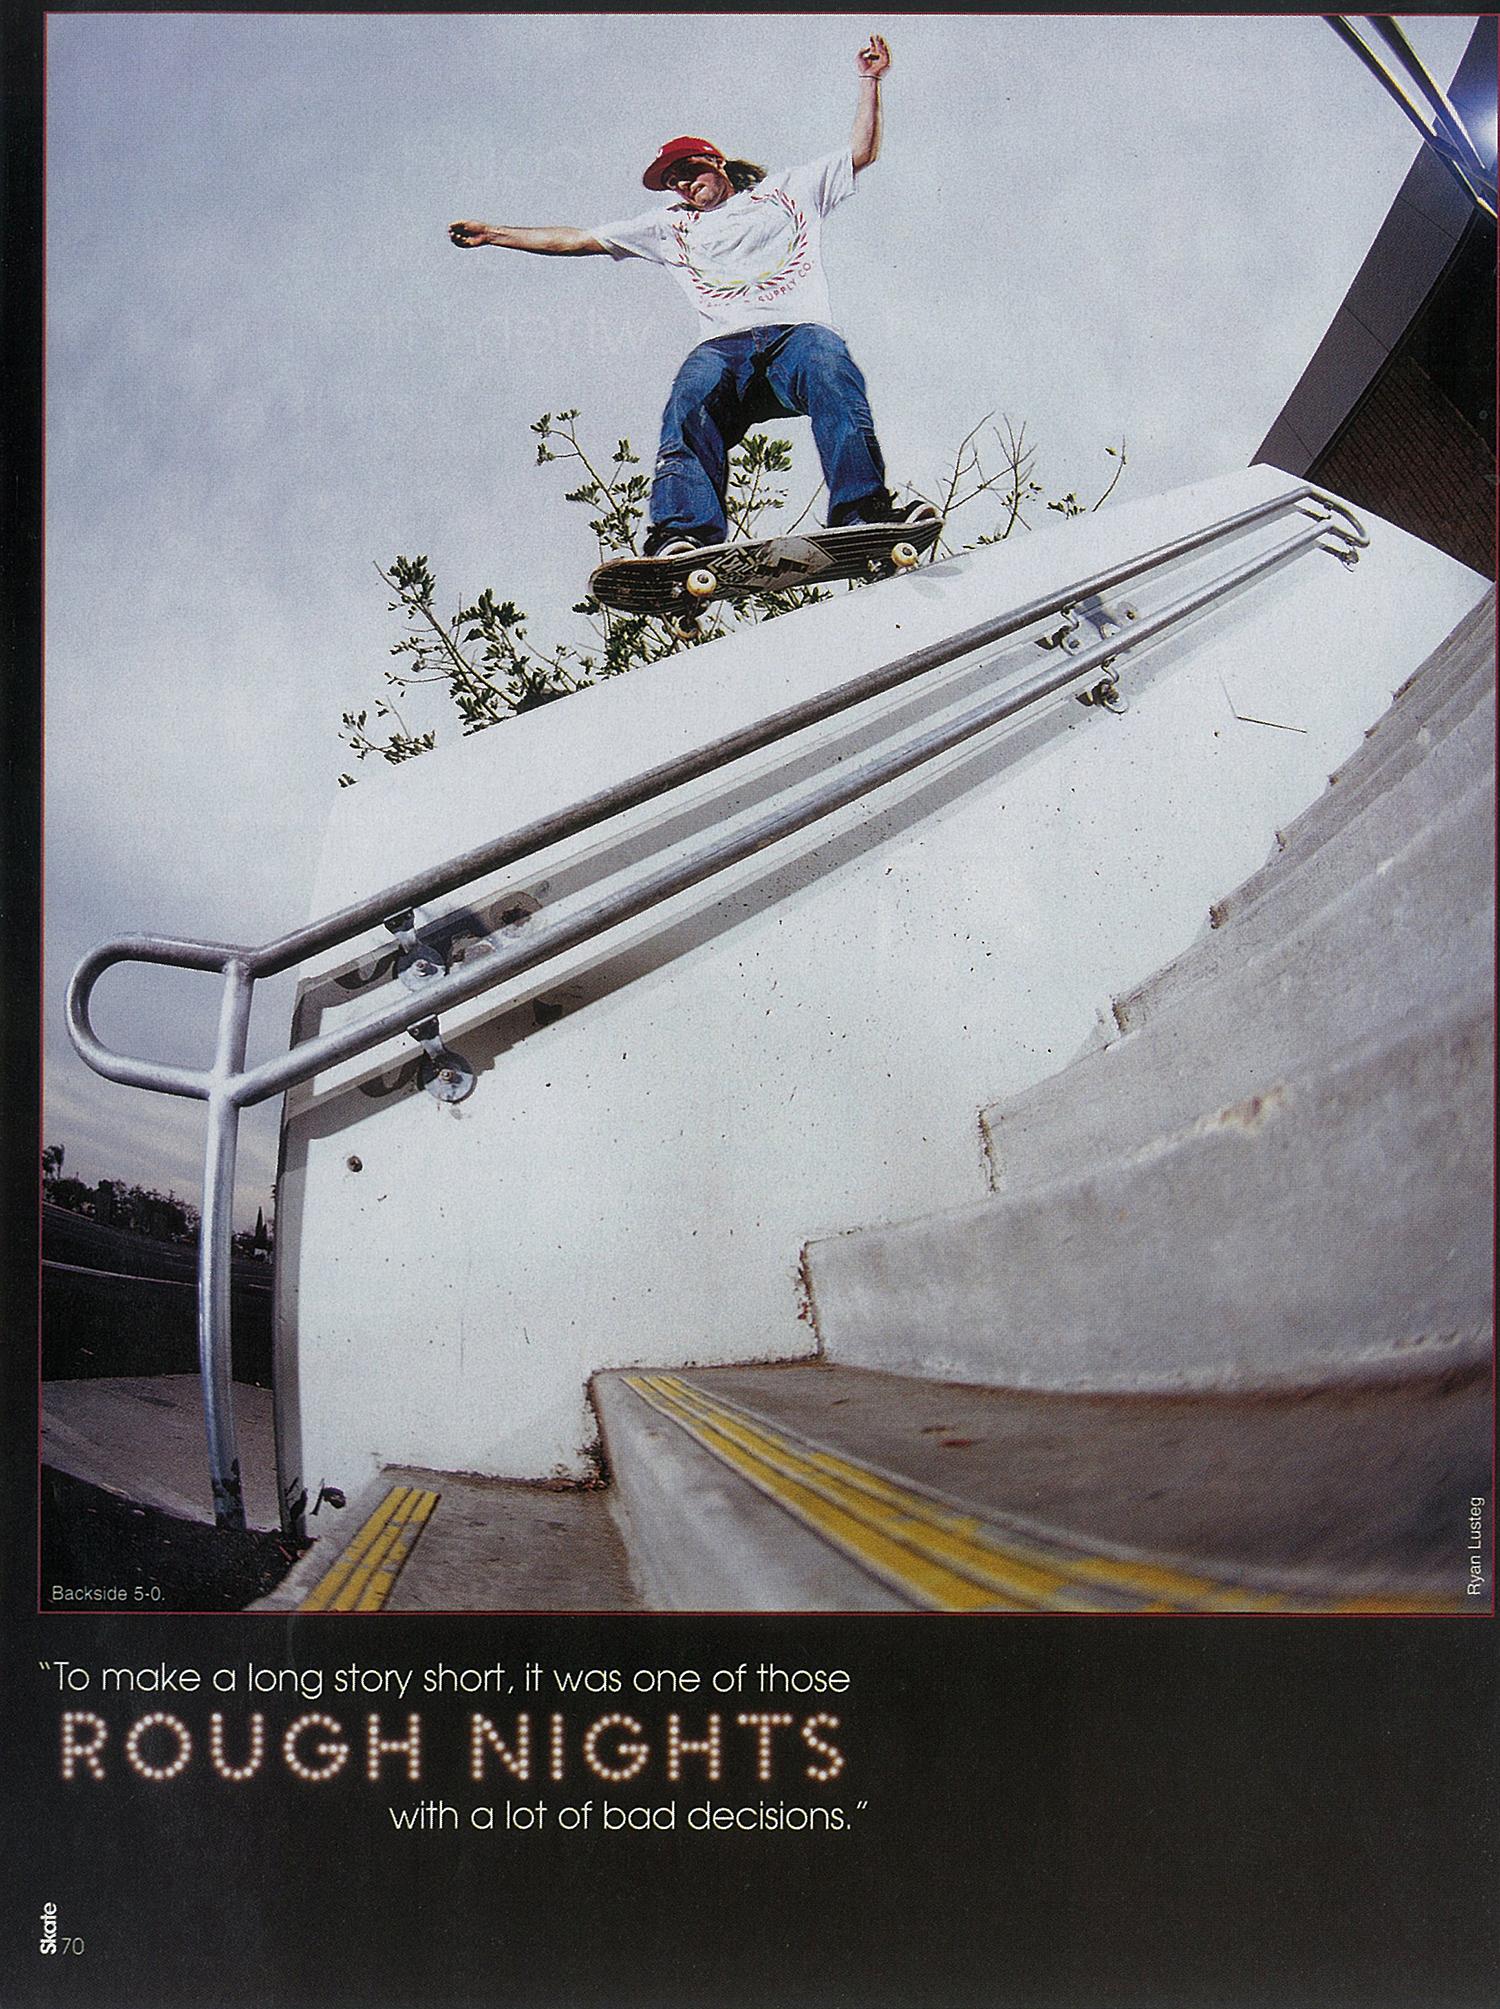 22_dan_murphy_interview_skateboarder.jpg